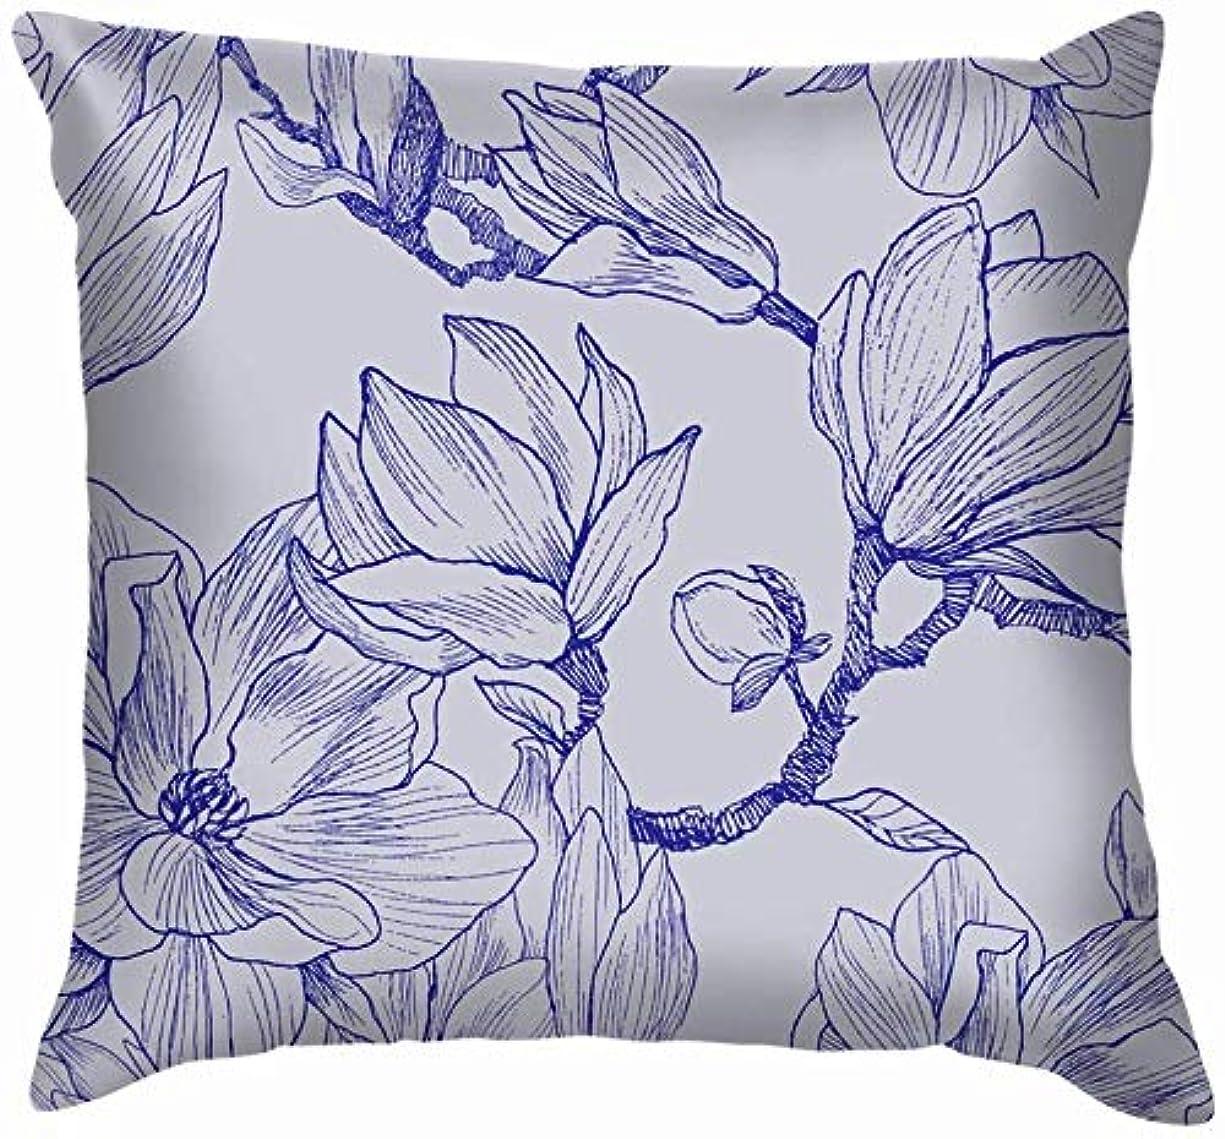 望みエクスタシージャムインク鉛筆の葉花マグノリア自然ラインスロー枕カバーホームソファクッションカバー枕ギフト45x45 cm